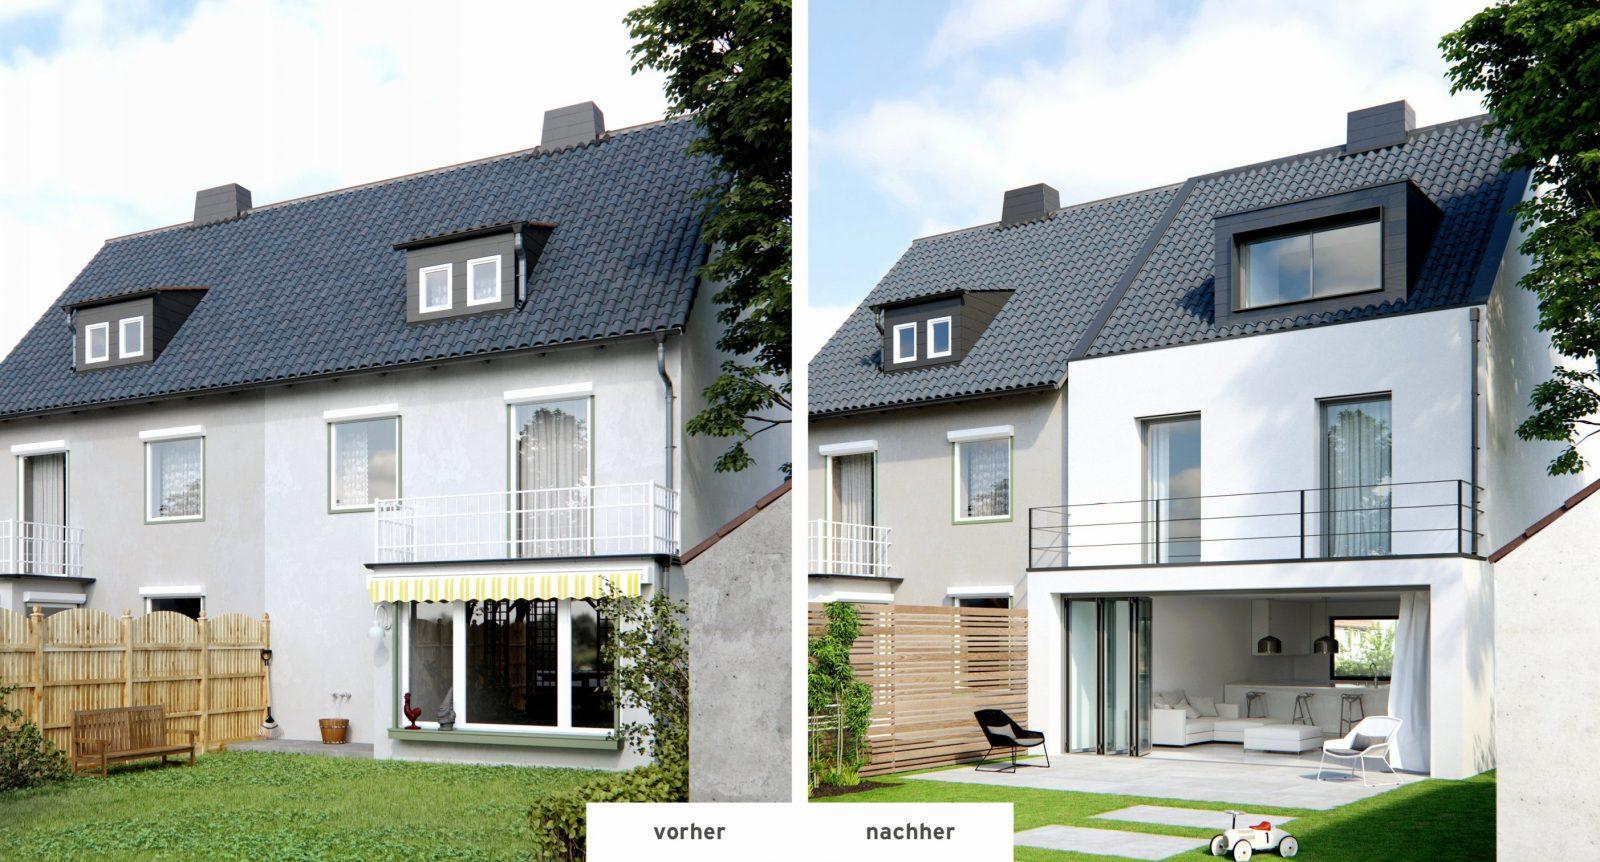 Haus Umbauen Vorher Nachher Luxus Altbau Renovieren Vorher Nachher von Altes Haus Sanieren Vorher Nachher Bild